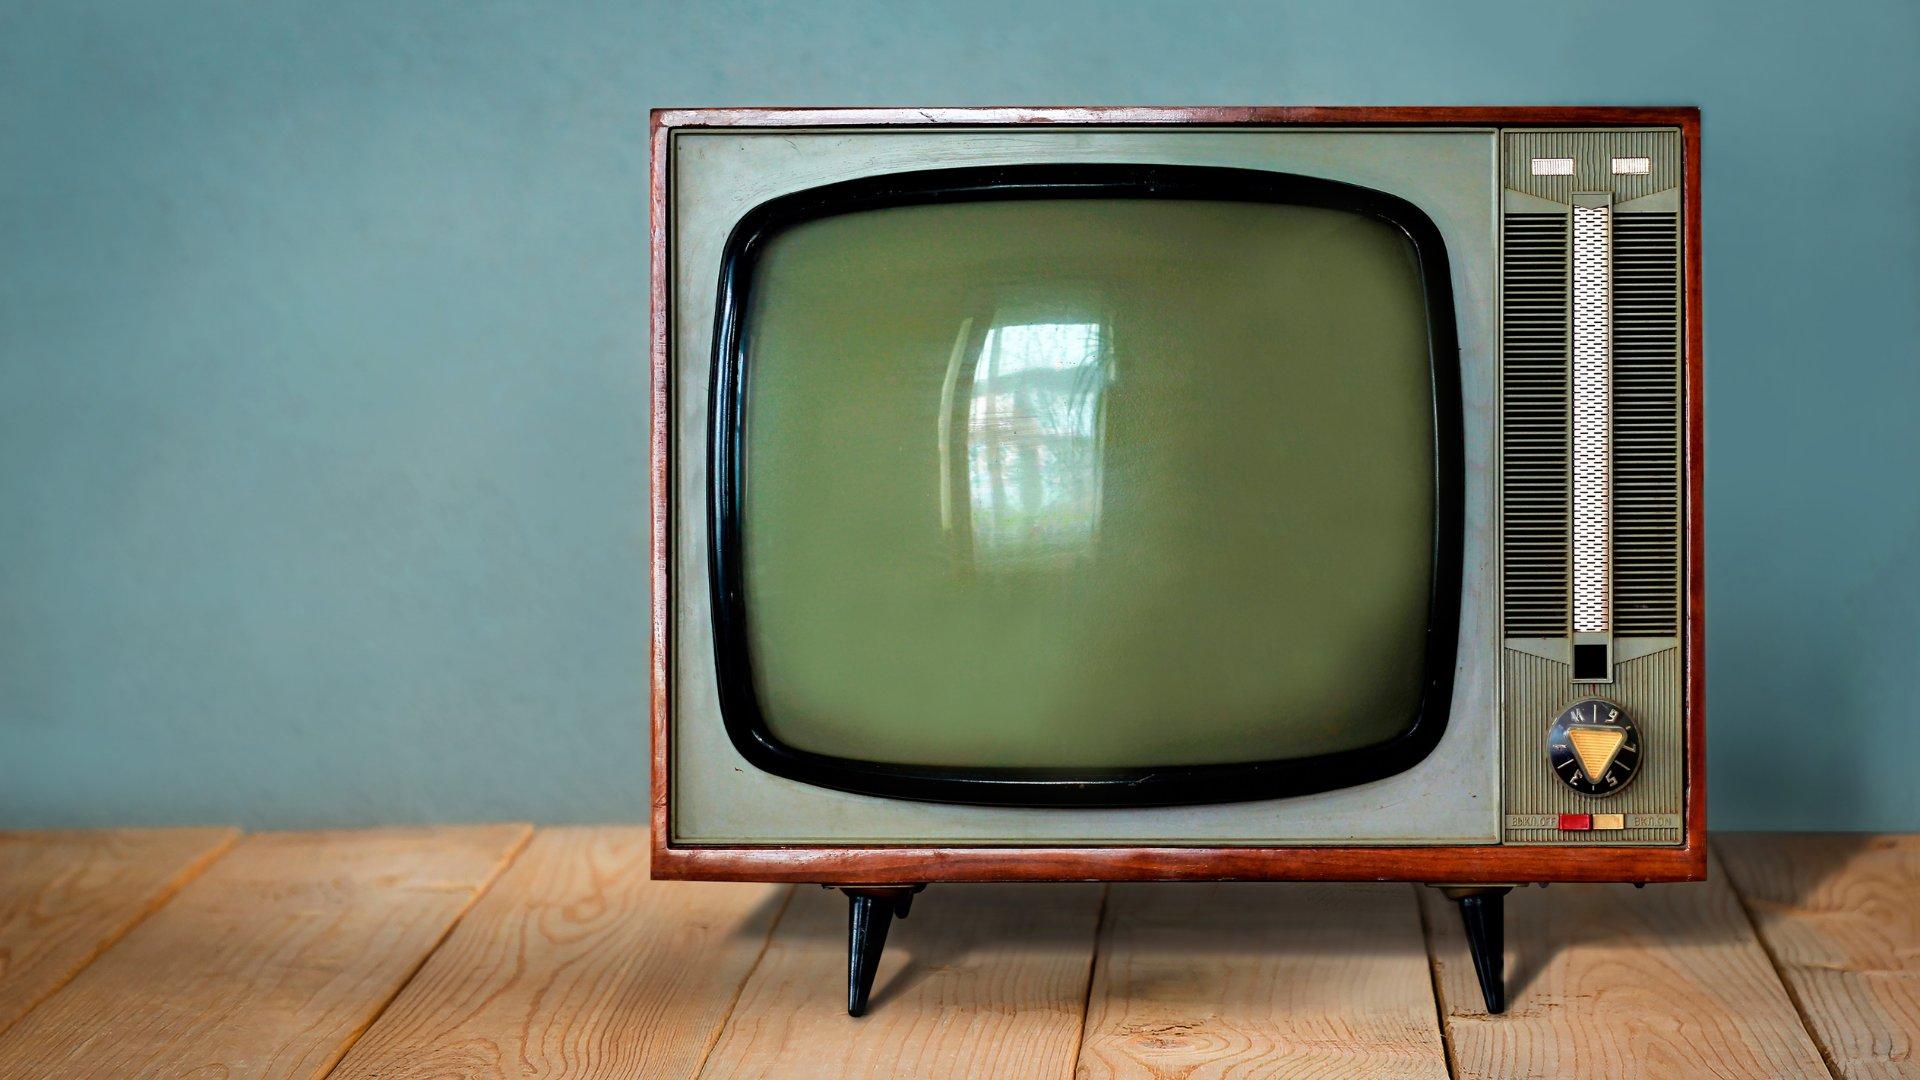 Foto de televisão antiga no fundo azul